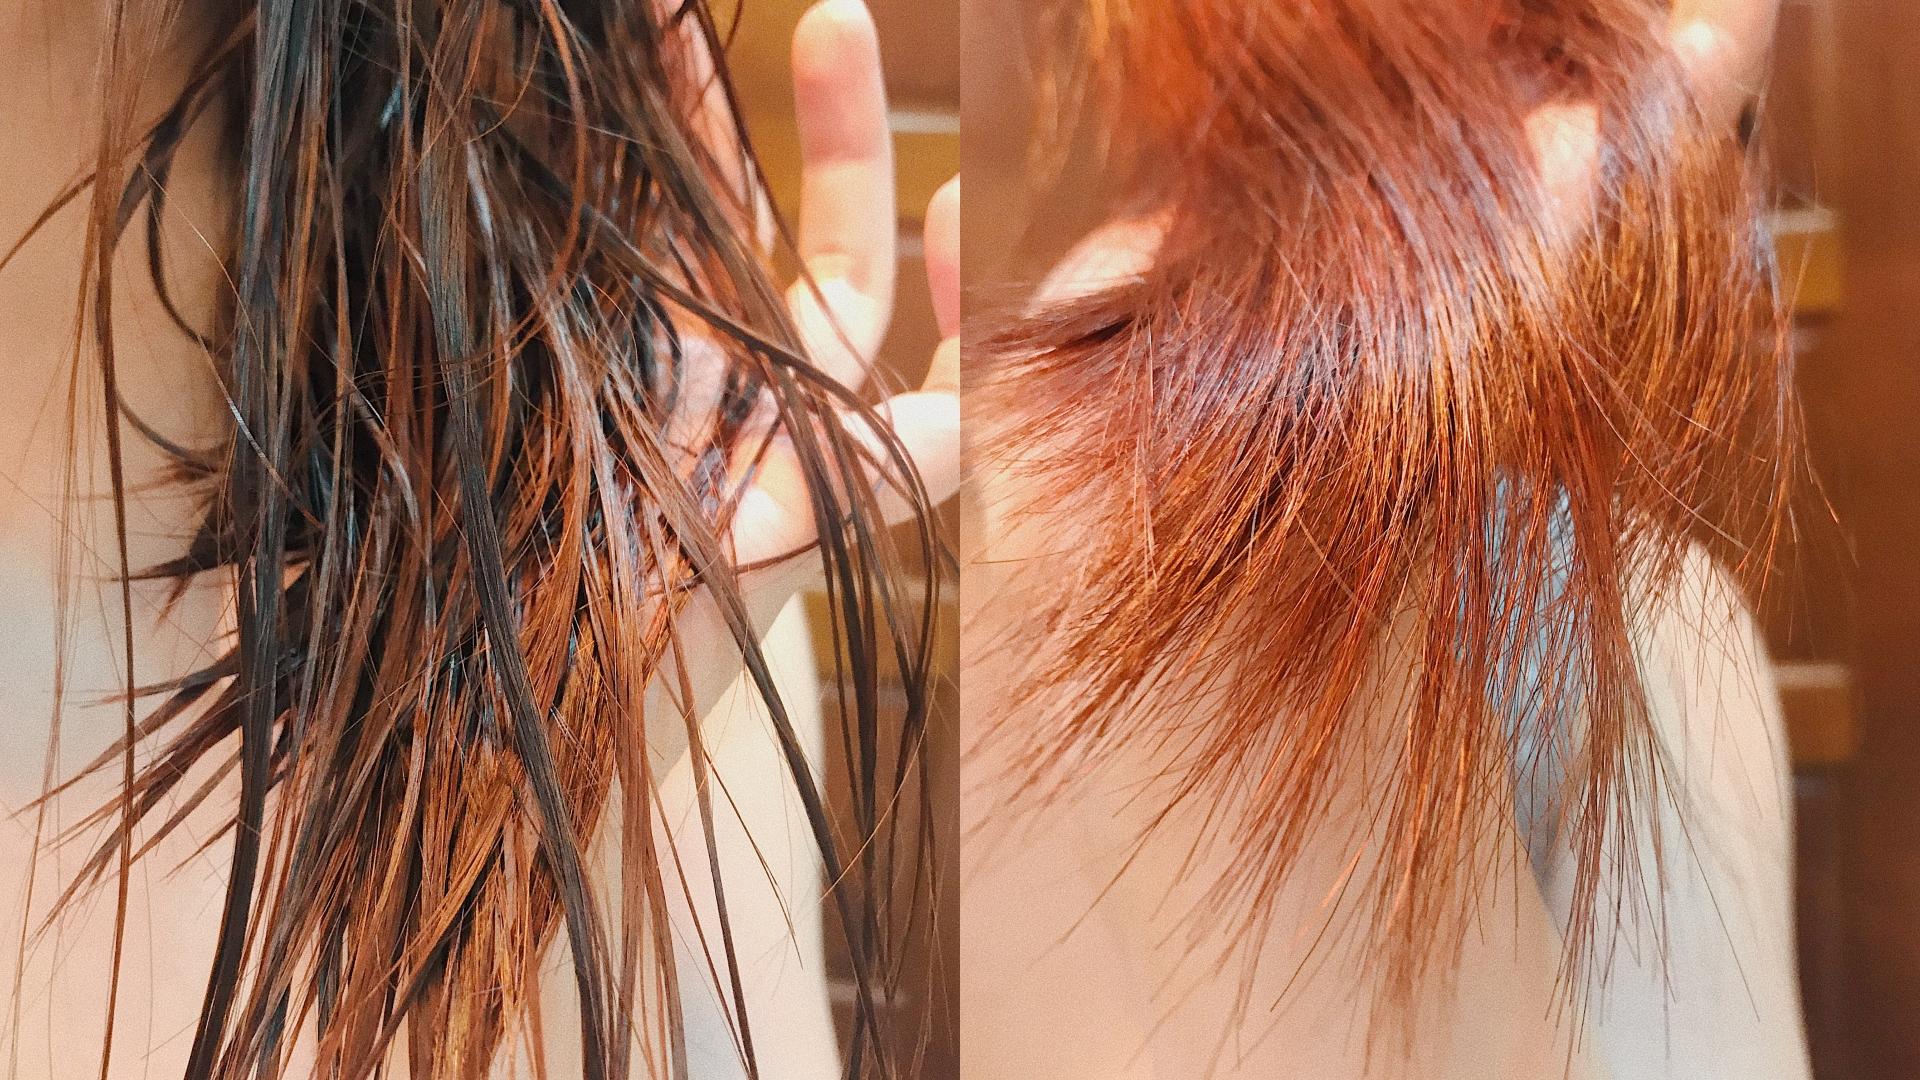 吹完之後髮尾的水潤光澤超有感!